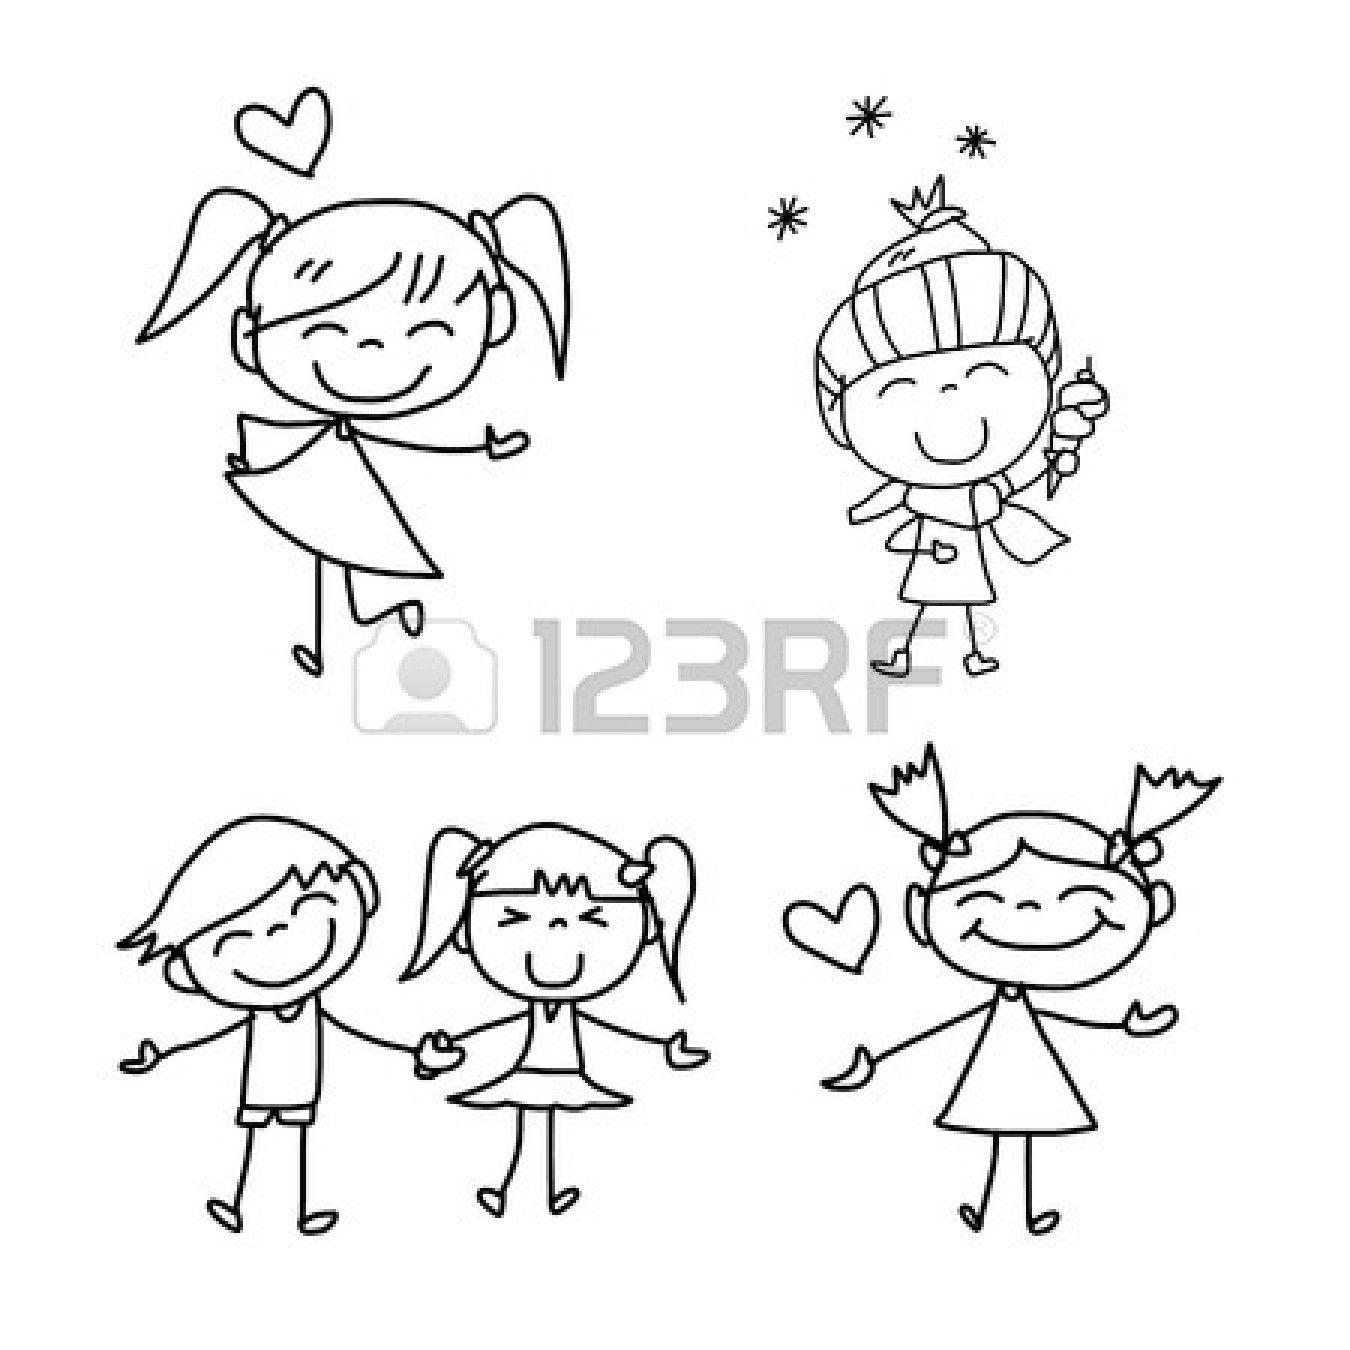 Disegni Da Colorare Di Bambini Che Si Tengono Per Mano.Disegno A Mano Cartoon Bambini Felici Che Giocano Disegni A Mano Tatuaggi Bambini Disegni Animati